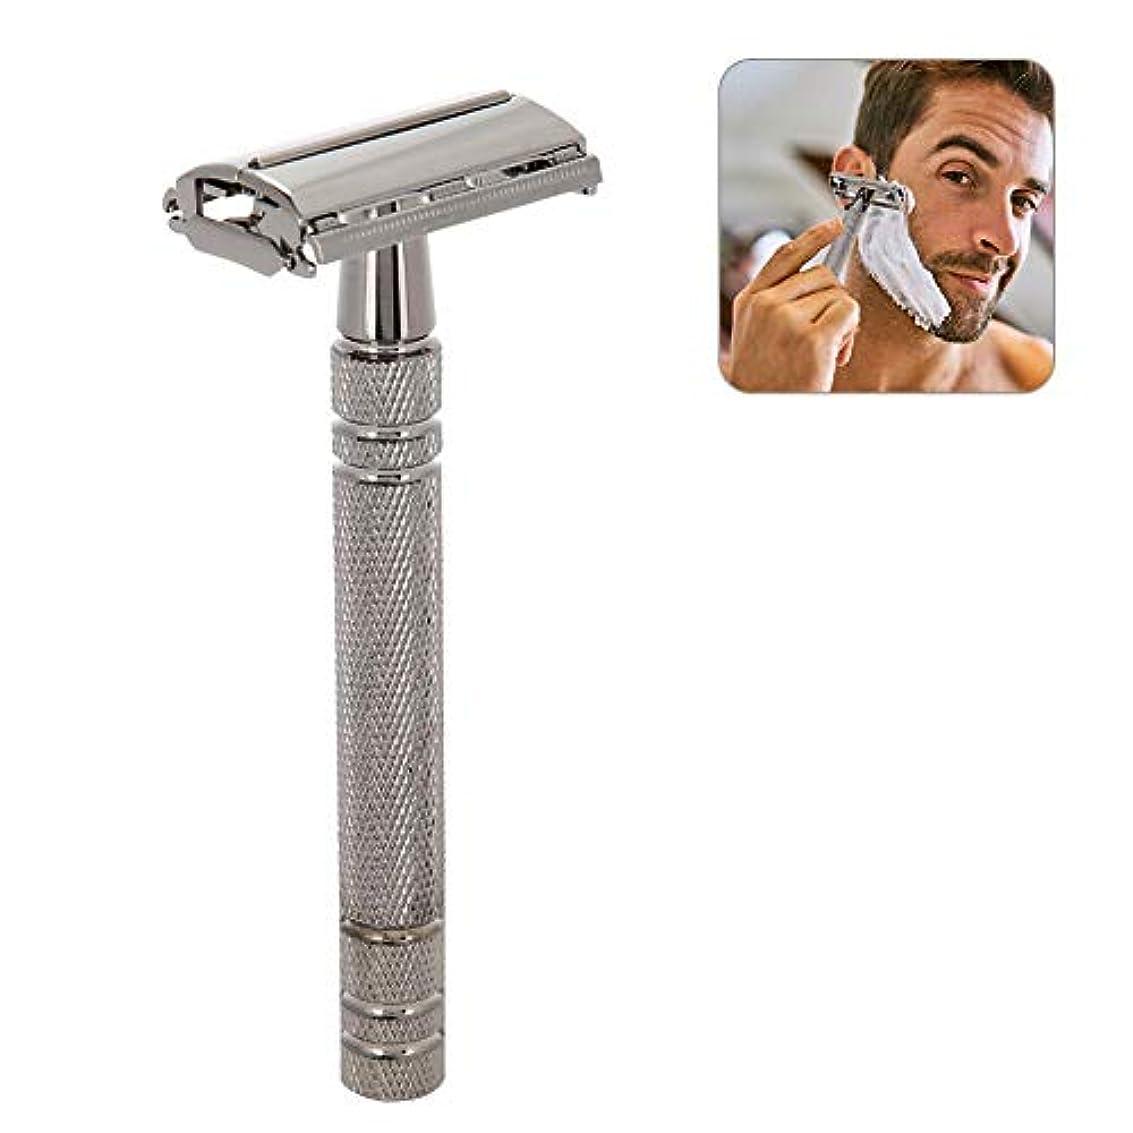 触覚経度出発メンズシェーバー クラシックレイザー 脱毛器 剃刀 手動 交換可能なブレード(シルバー)